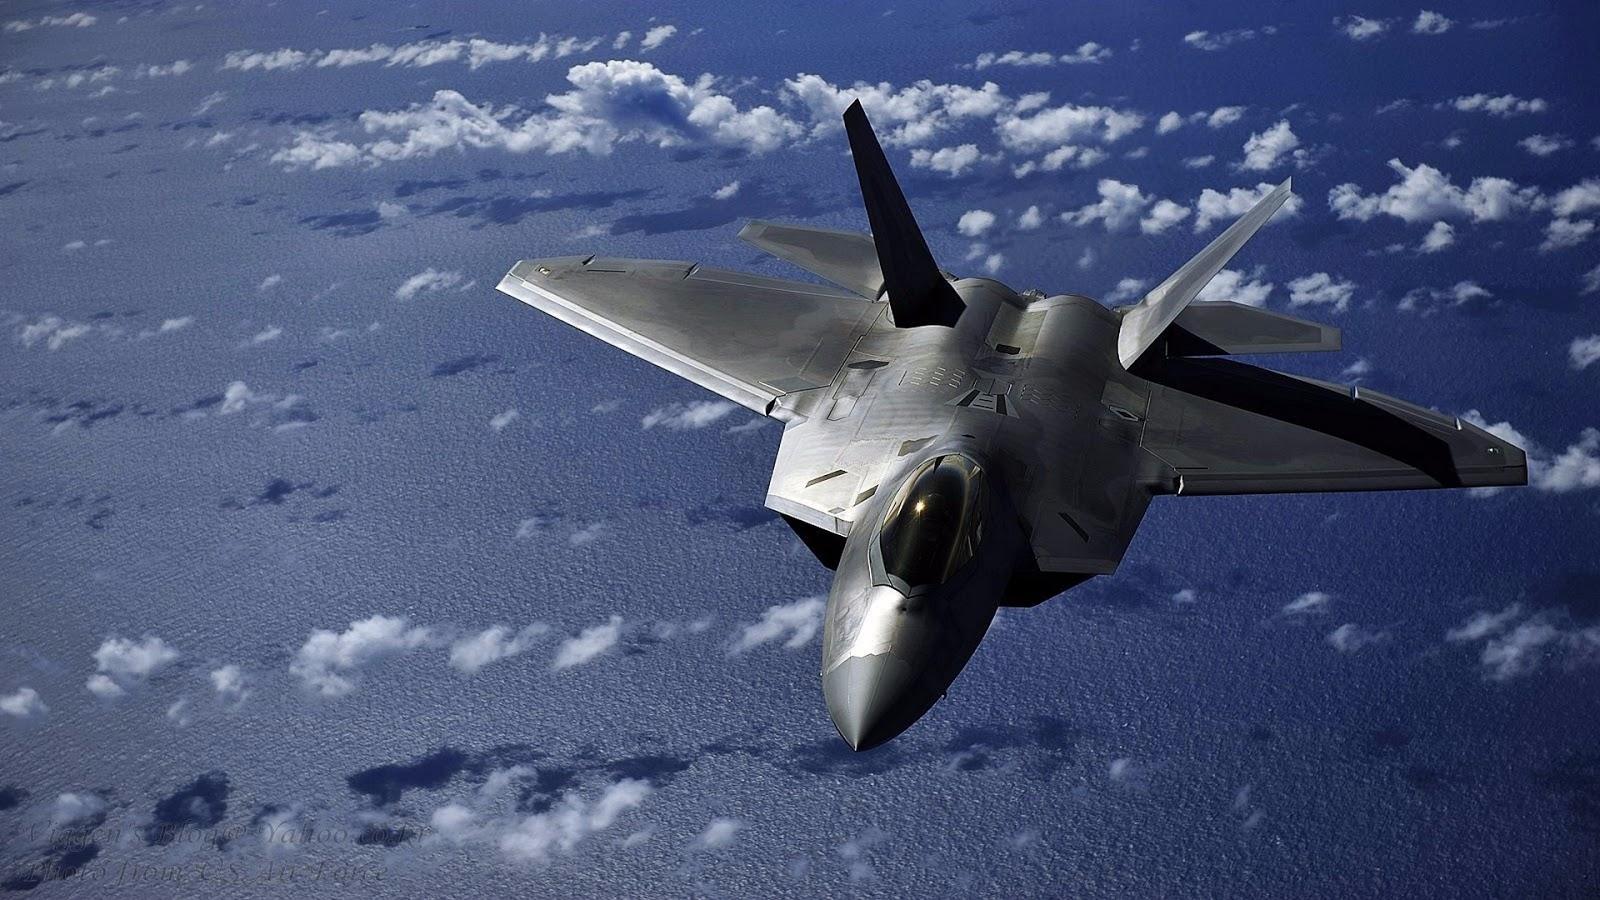 F 22 Raptor Of Lockheed Martin Ocean Inflight Aircraft